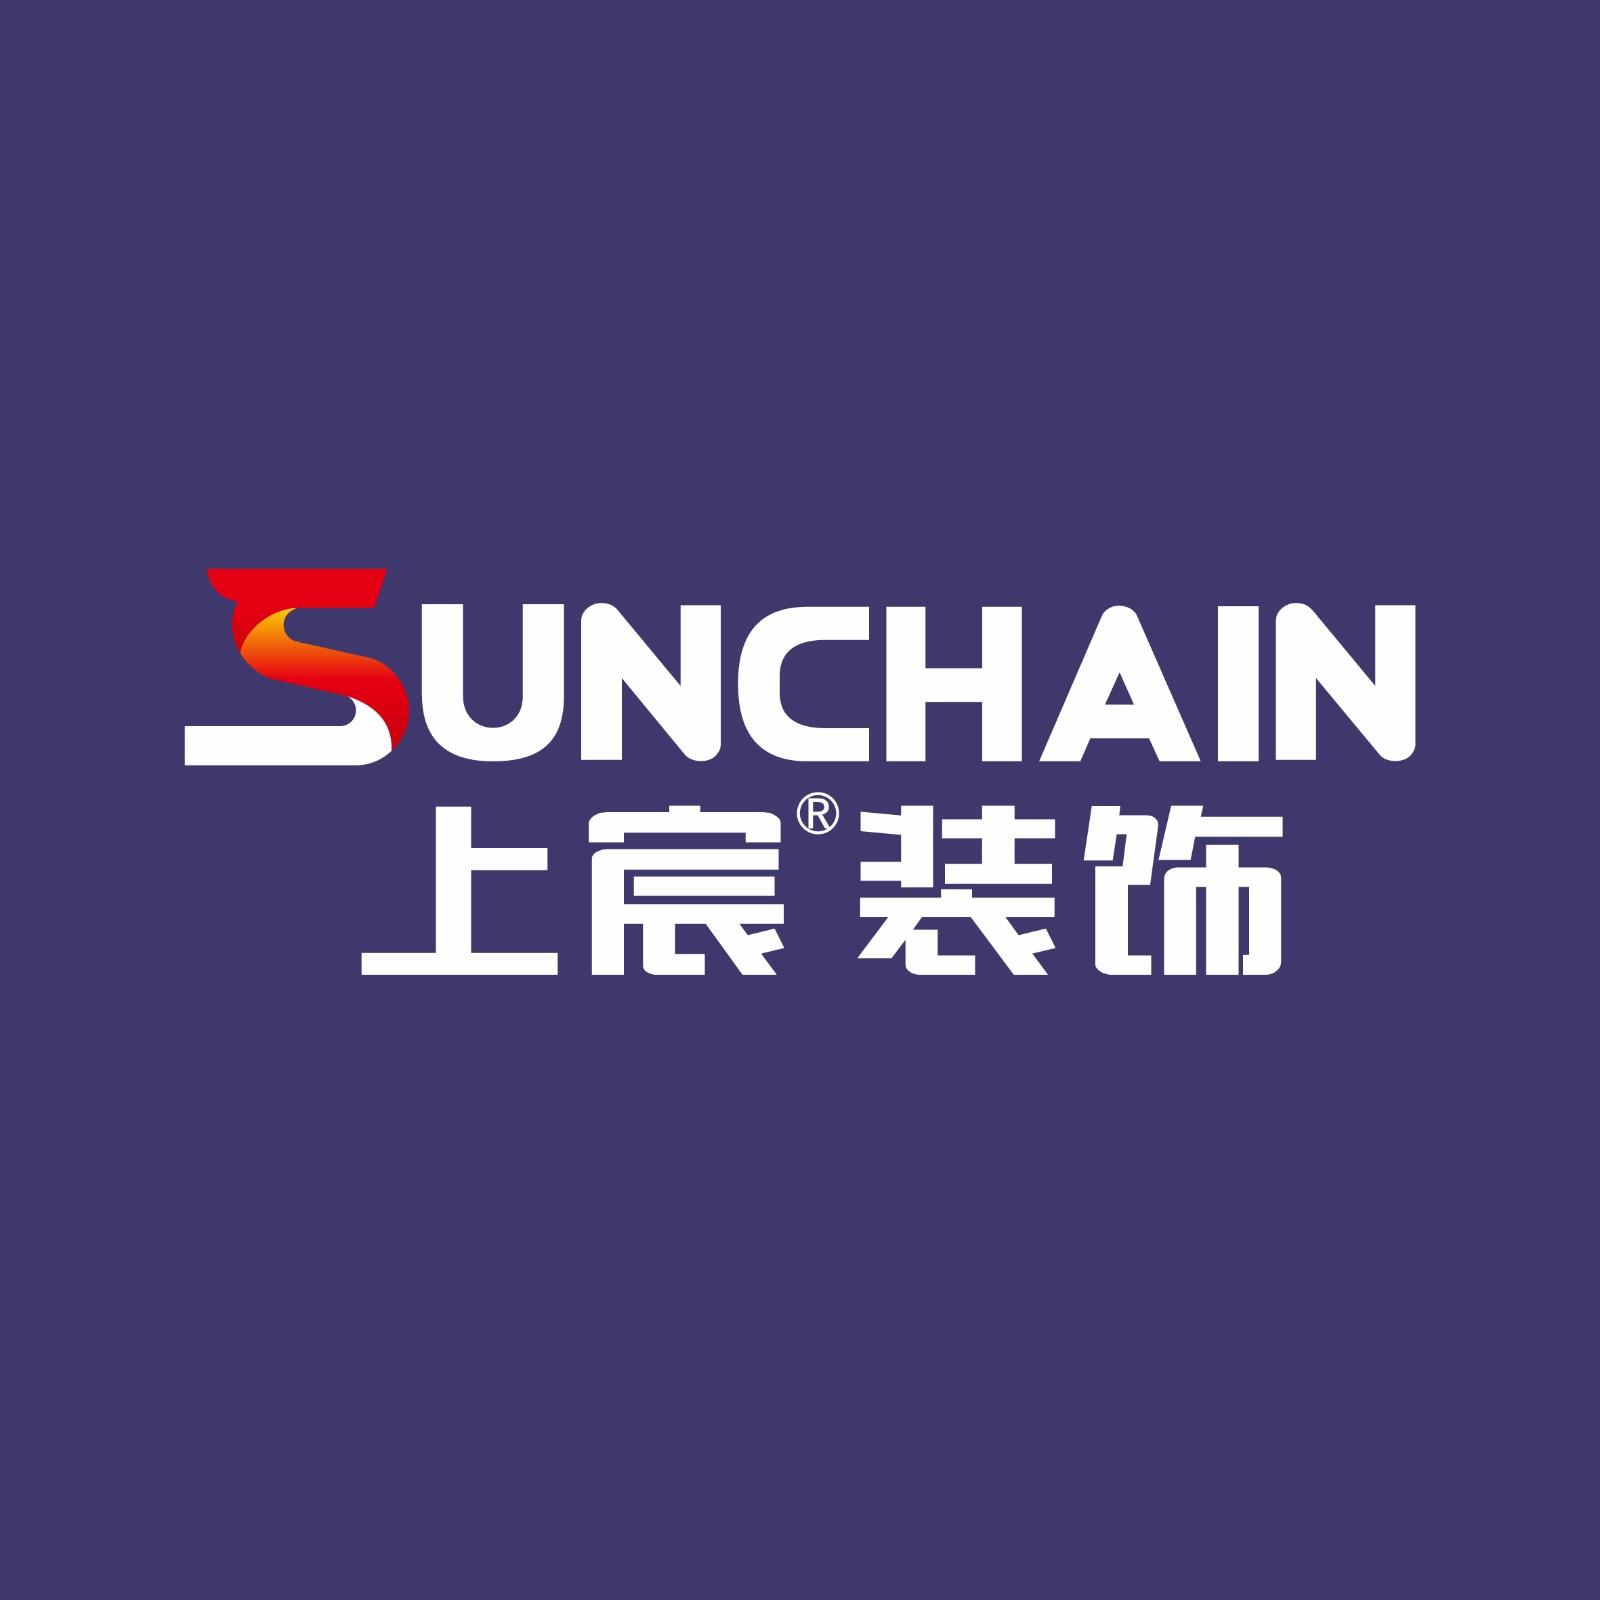 沈阳上宸华庭装饰工程有限公司